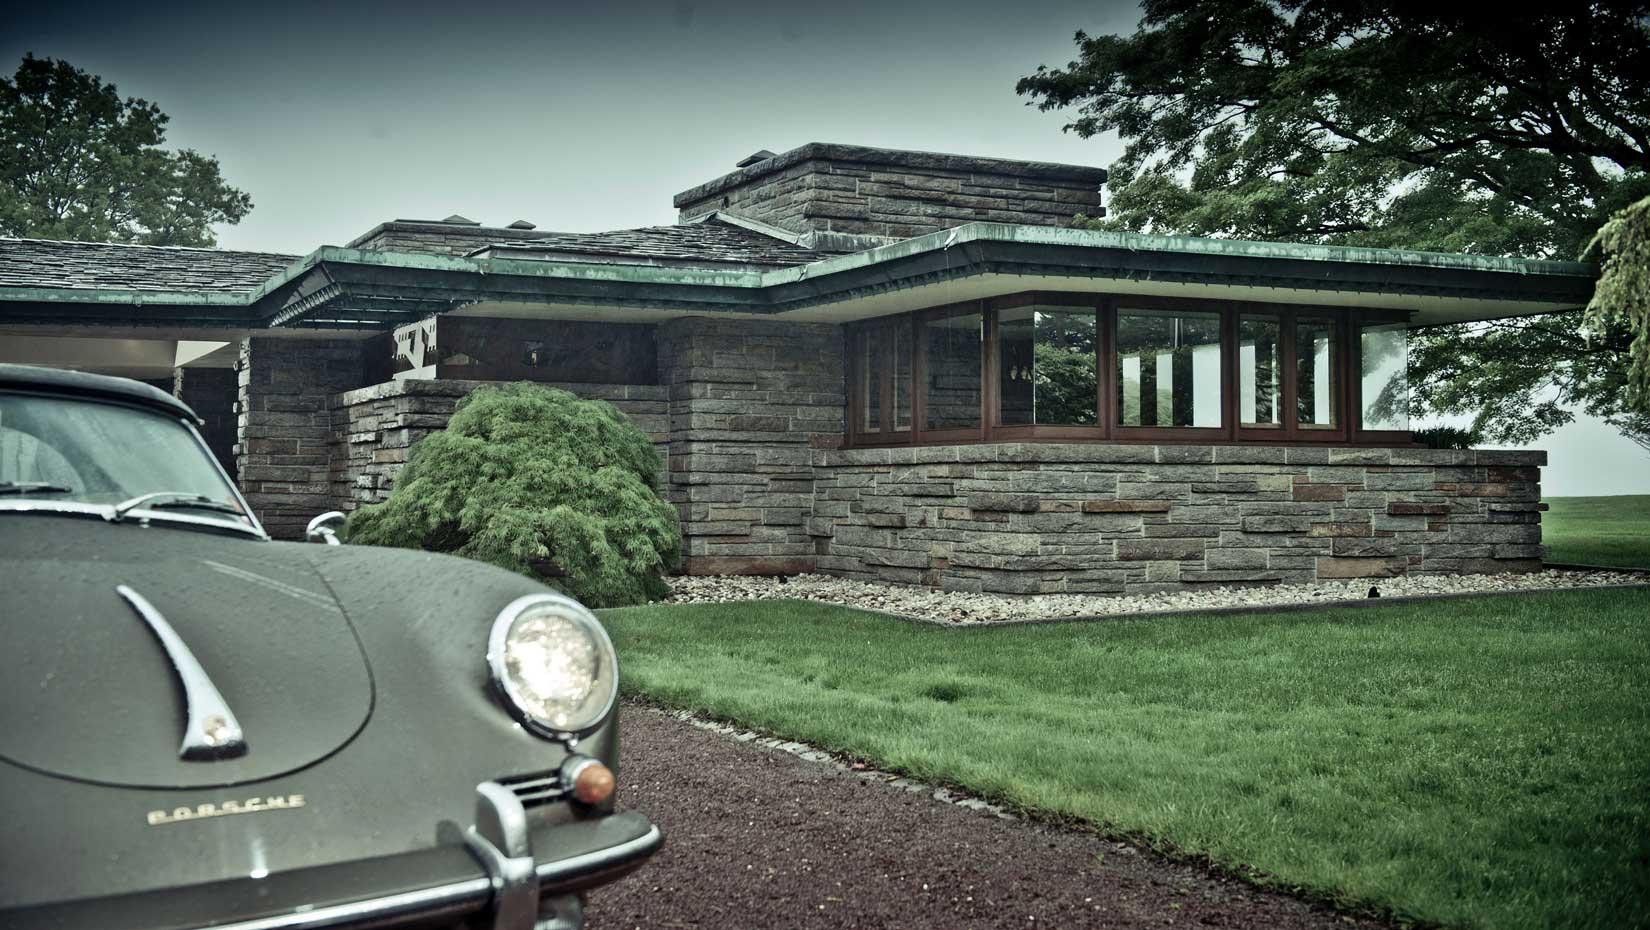 le-mile-magazine-selected_porsche_356_house_of_maximilian_e_hoffman_rye_2018_porsche_ag4.jpg